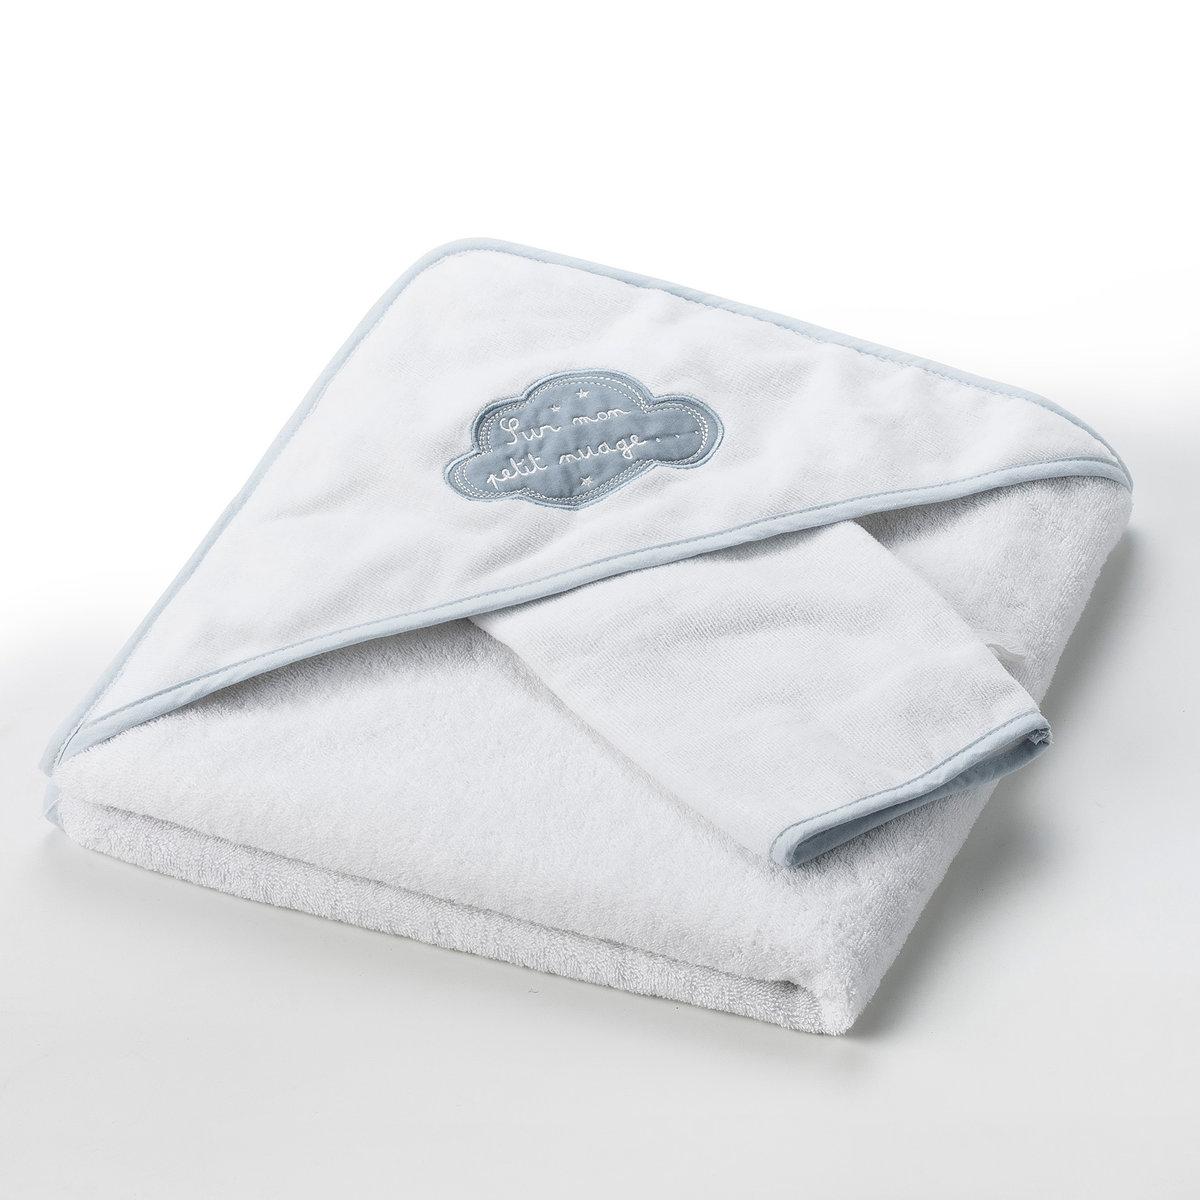 Накидка банная + рукавичка банная В облаках 400 г/м², 100% хлопка